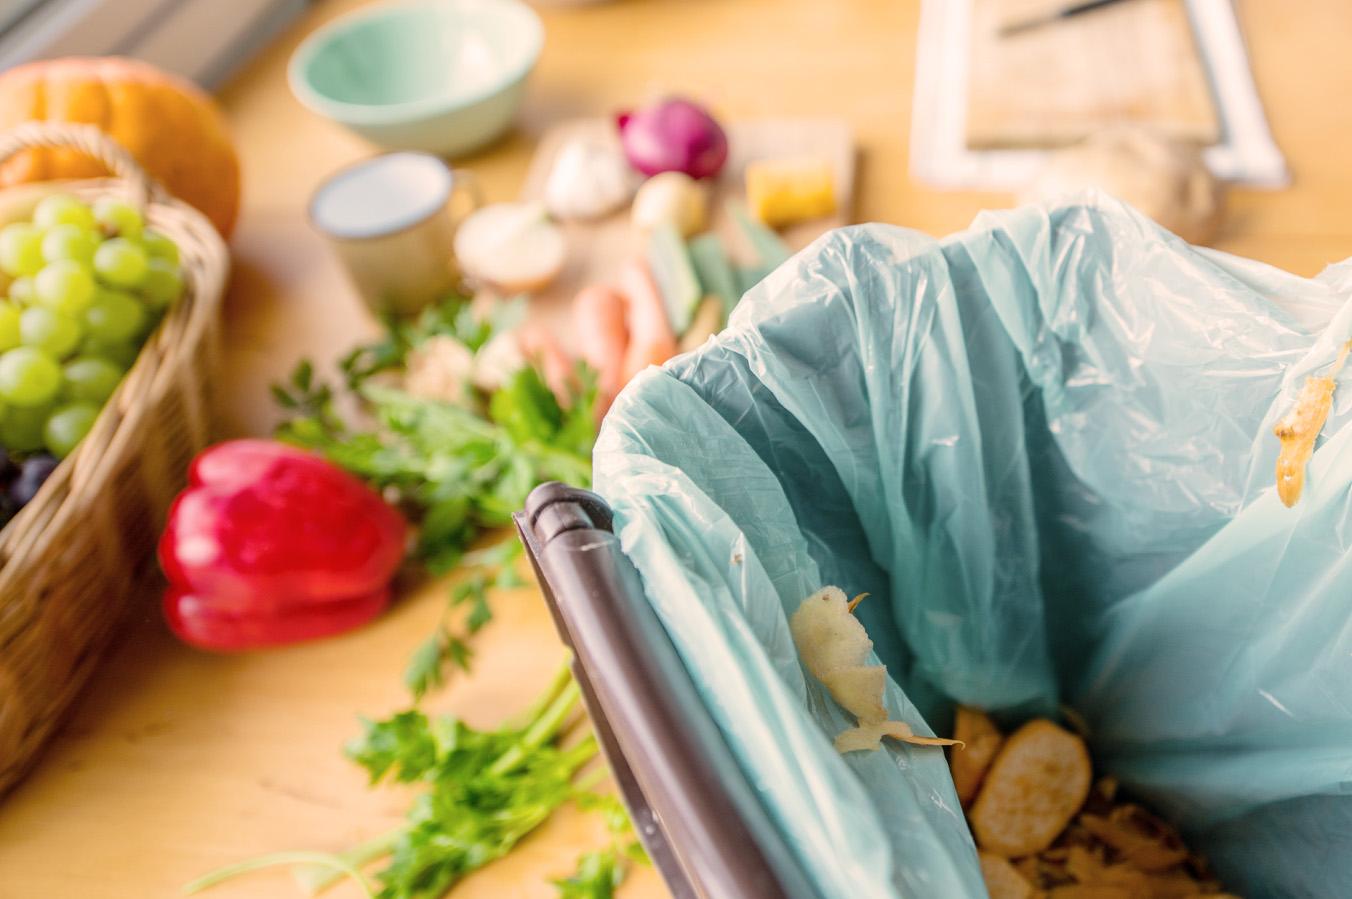 Ako triediť bio odpad v roku 2021? Zemito vám poradí ako na to!